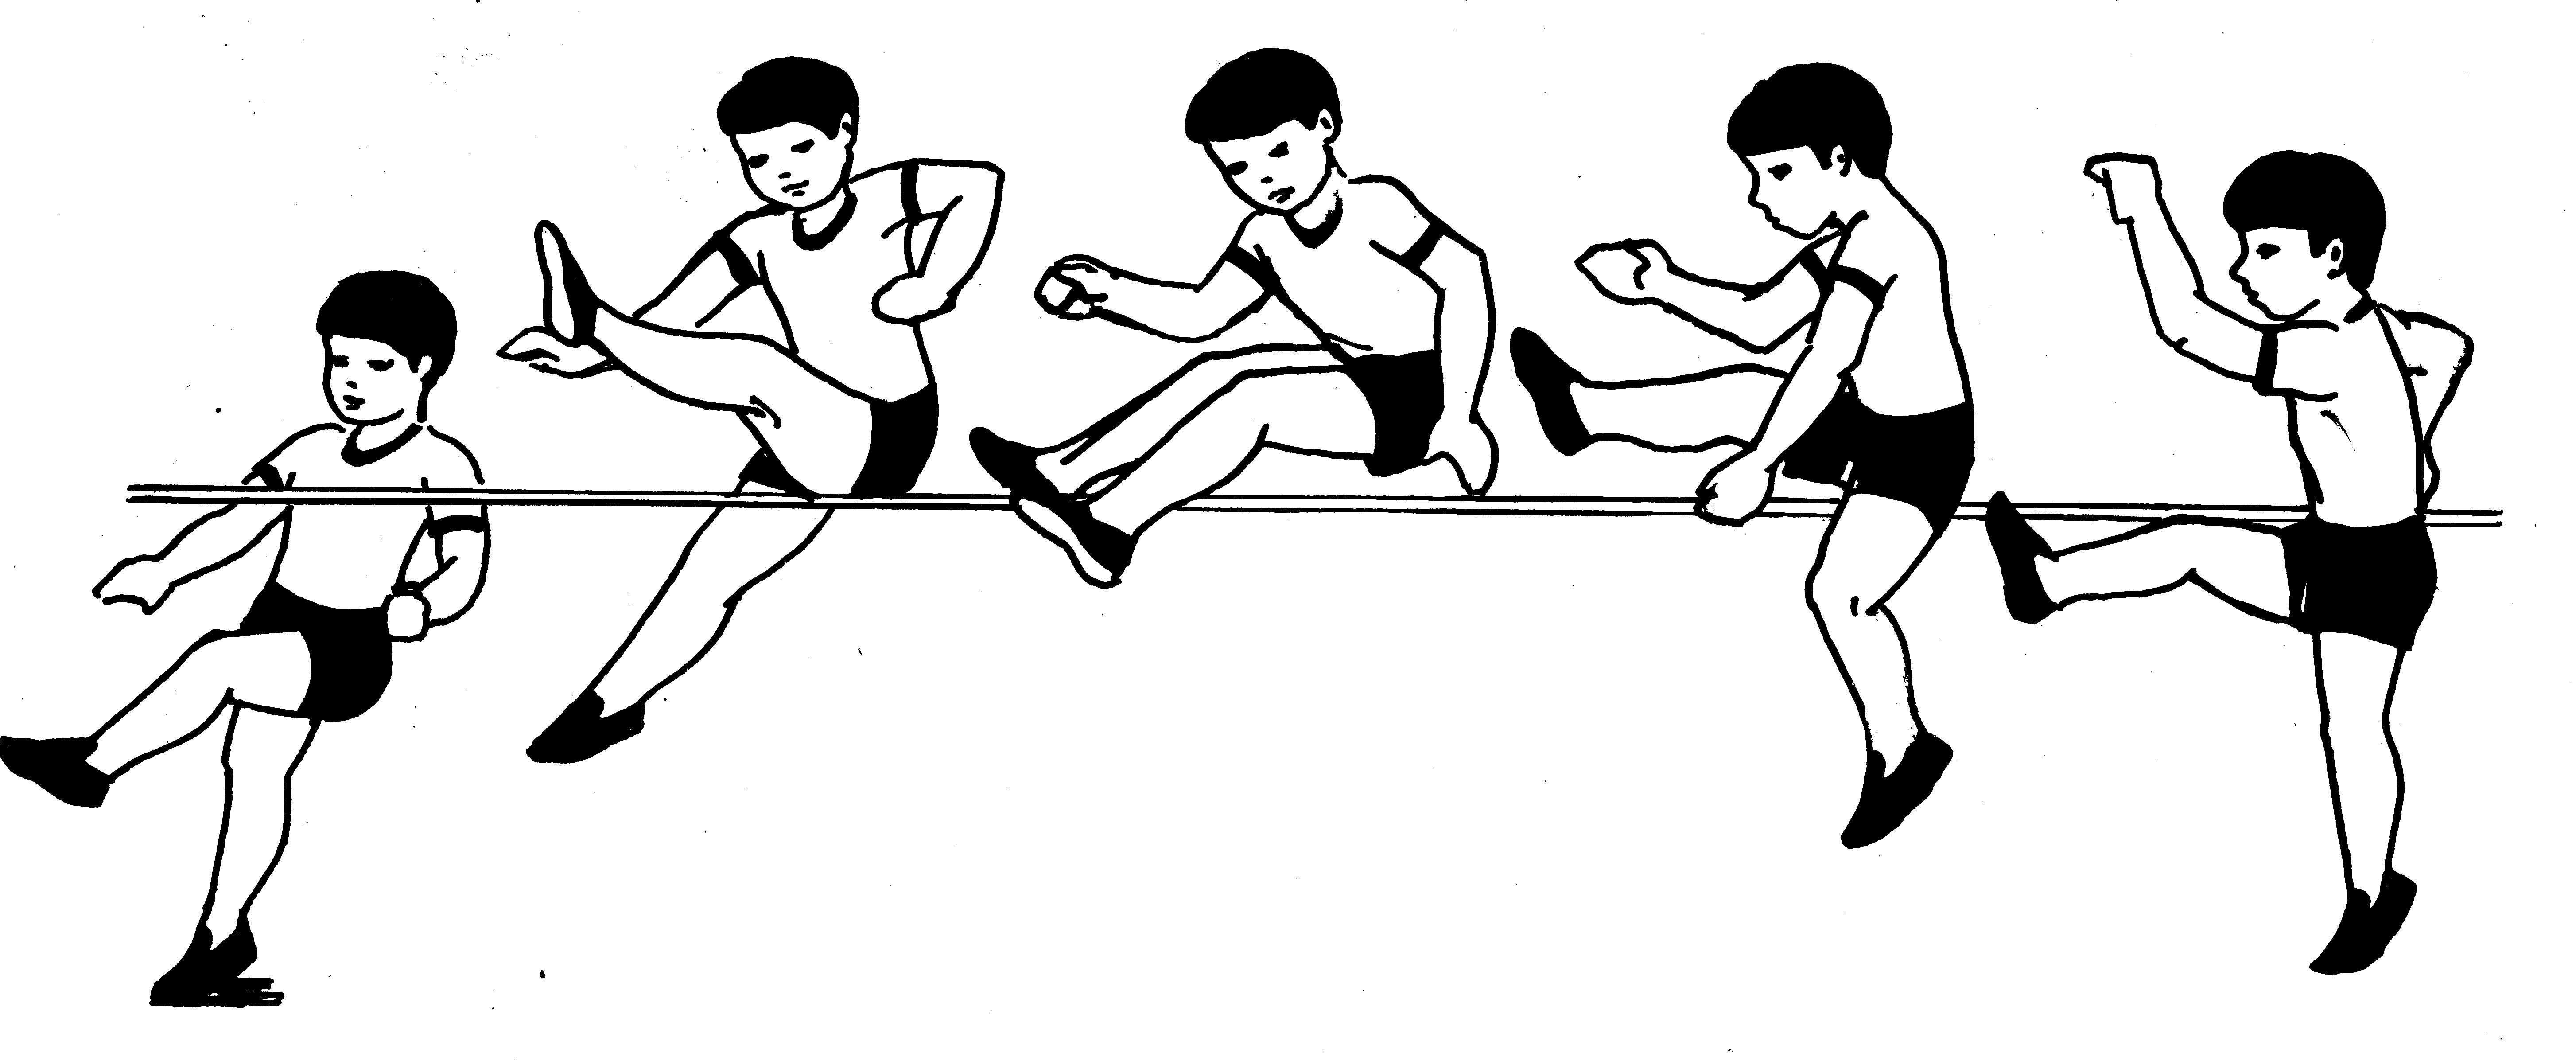 живут прыжки в высоту перешагивание картинки стройки определился каким